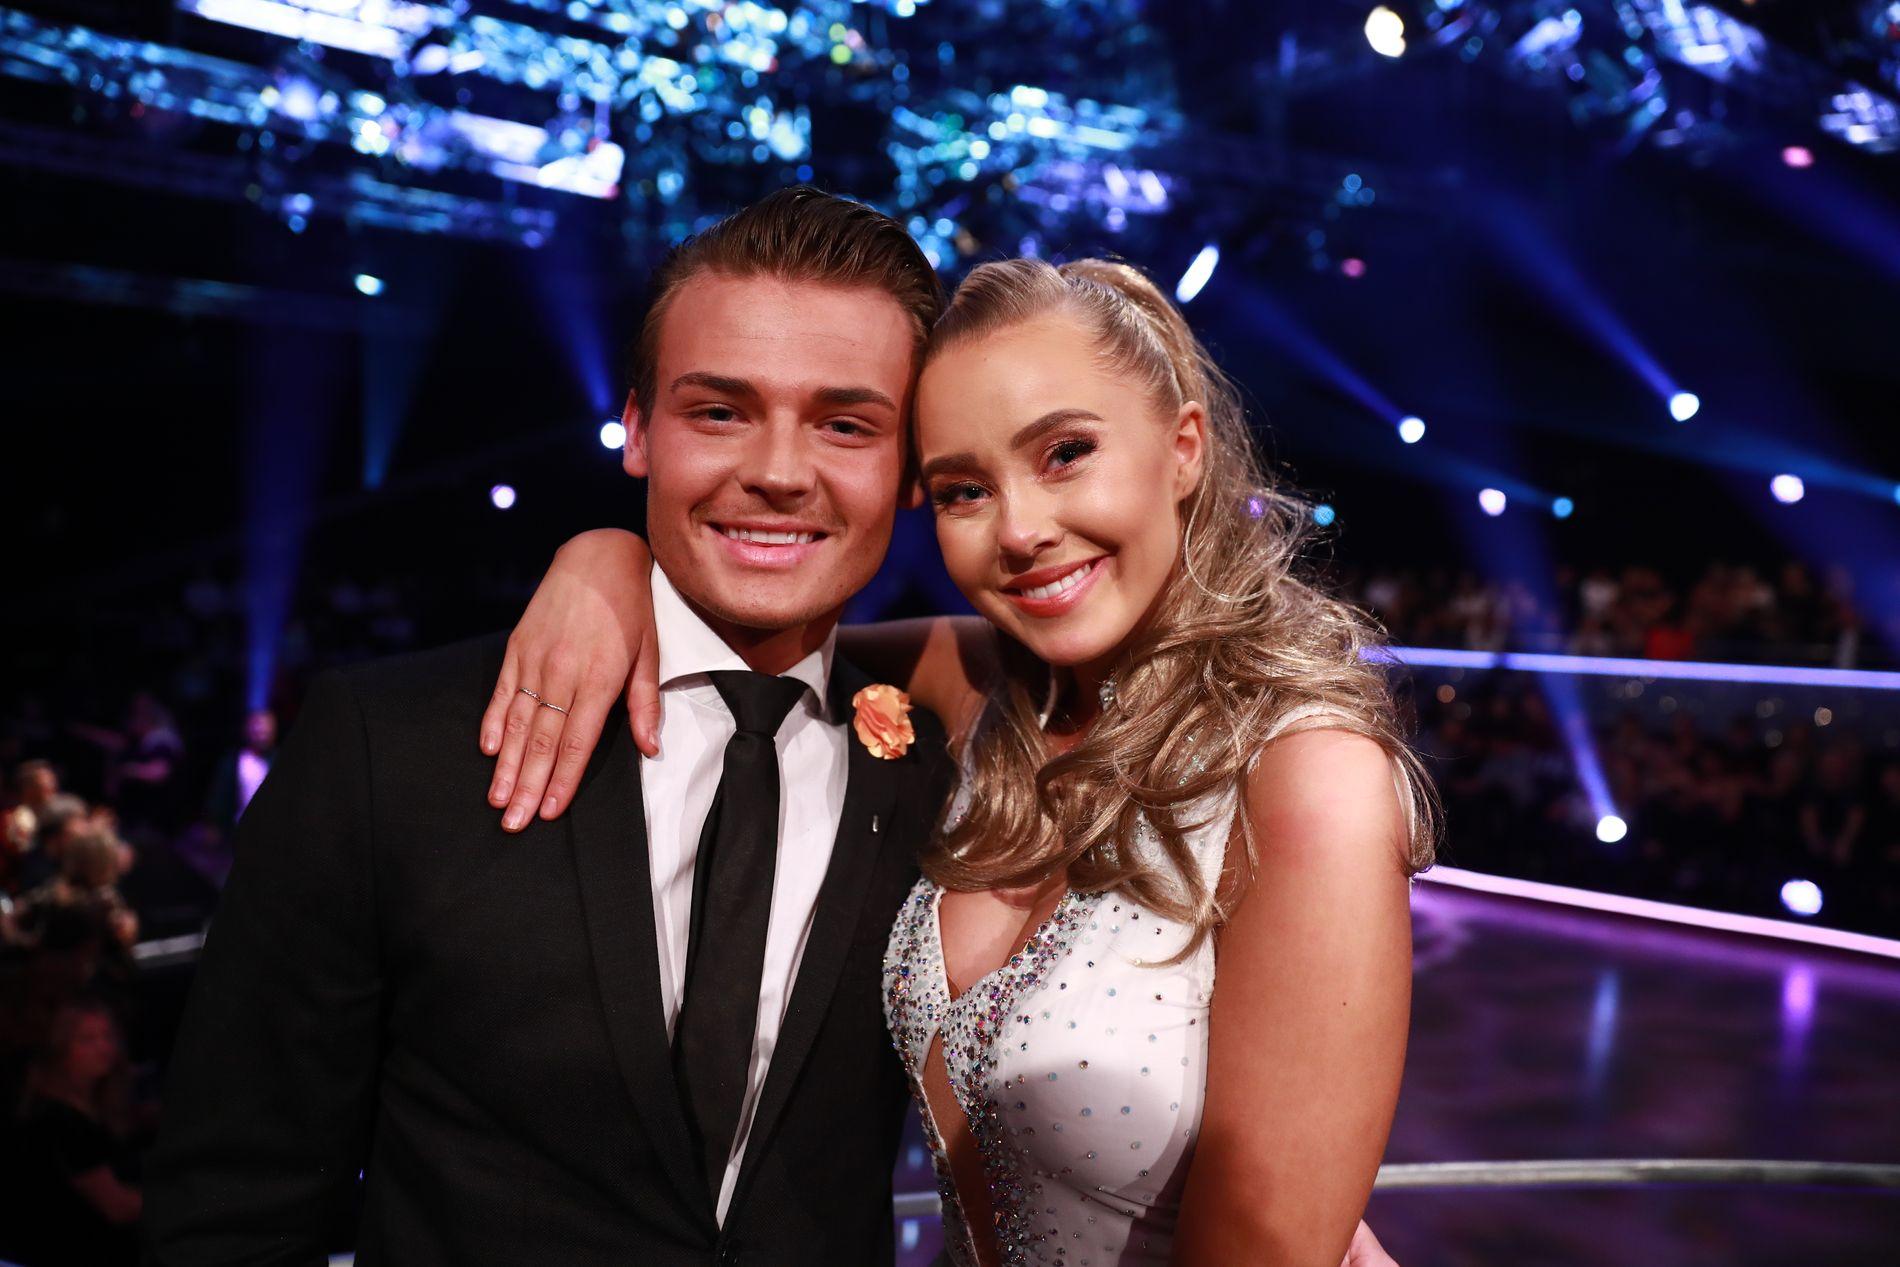 PARTNERE: Aleksander Sæterstøl og Martine Lunde da de begge var deltagere i «Skal vi danse» høsten 2018.